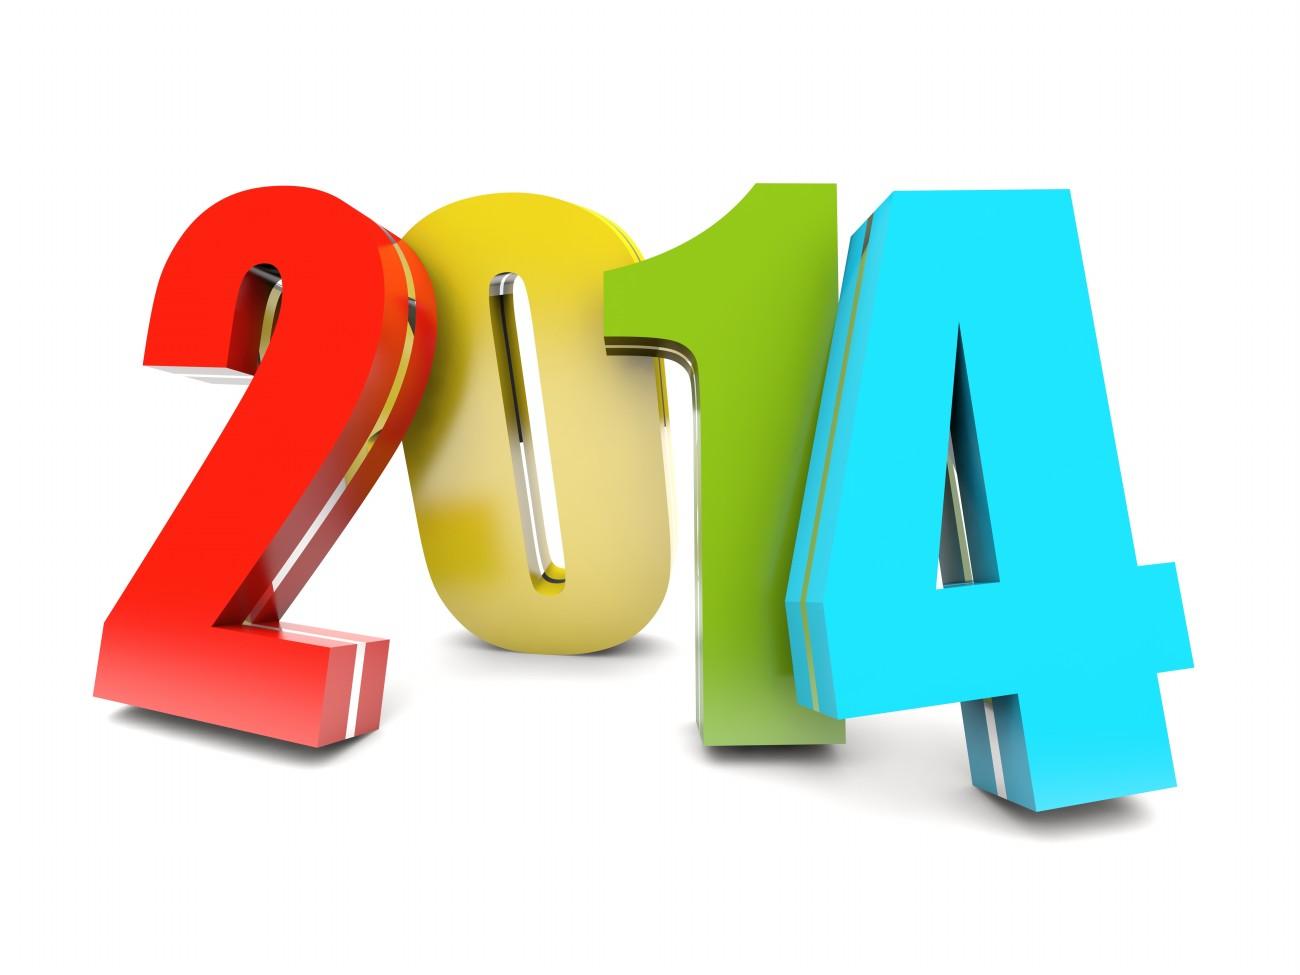 Hopes for 2014